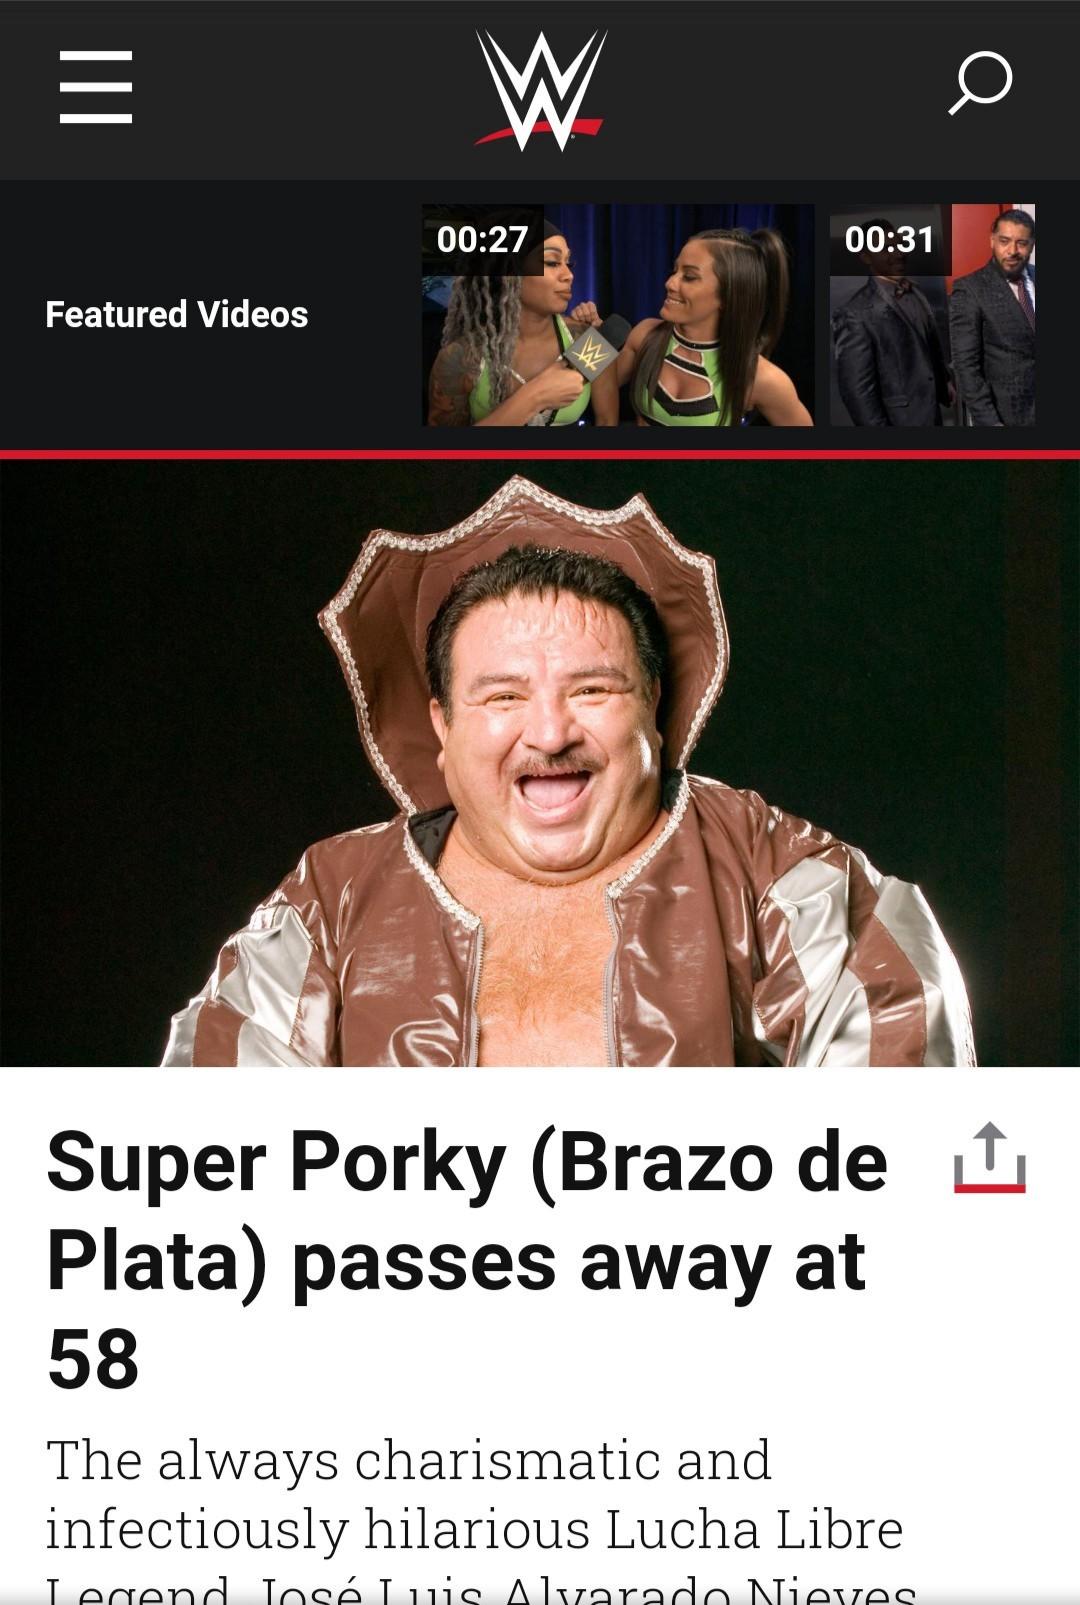 メキシコ人レスラー、スーパー・ポルキーさんの死去を発表するWWE公式サイト